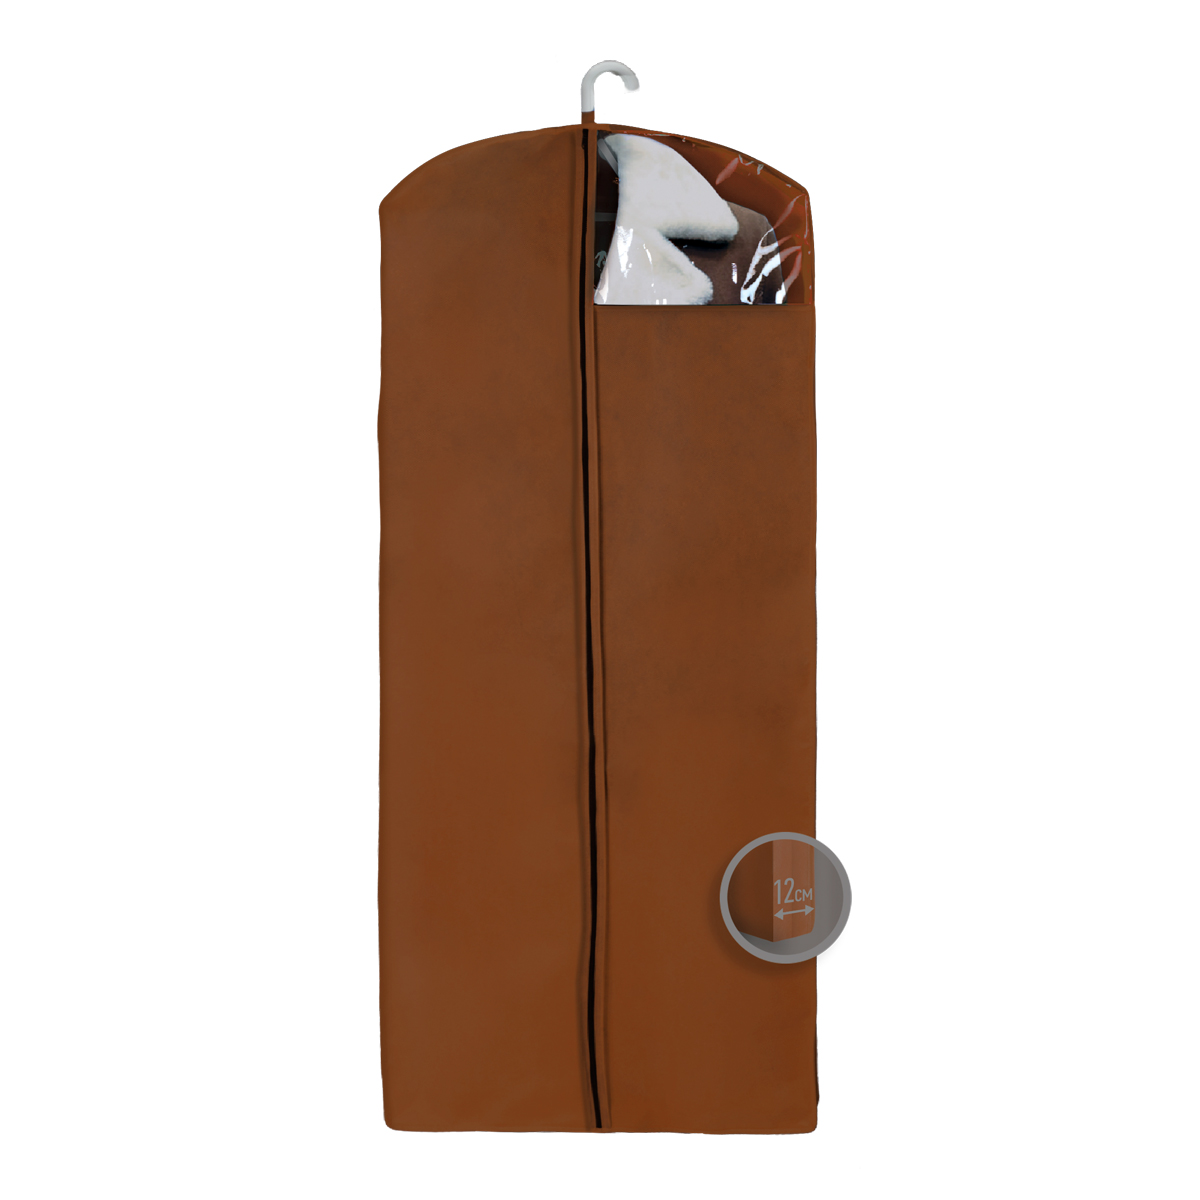 Чехол для верхней одежды Miolla, с окошком, цвет: коричневый, 140 х 60 х 12 смS03301004Чехол для верхней одежды Miolla на застежке-молнии выполнен из высококачественного нетканого материала. Прозрачное полиэтиленовое окошко позволяет видеть содержимое чехла. Подходит для длительного хранения вещей.Чехол обеспечивает вашей одежде надежную защиту от влажности, повреждений и грязи при транспортировке, от запыления при хранении и проникновения моли. Чехол обладает водоотталкивающими свойствами, а также позволяет воздуху свободно поступать внутрь вещей, обеспечивая их кондиционирование. Это особенно важно при хранении кожаных и меховых изделий.Размер чехла: 140 х 60 х 12 см.